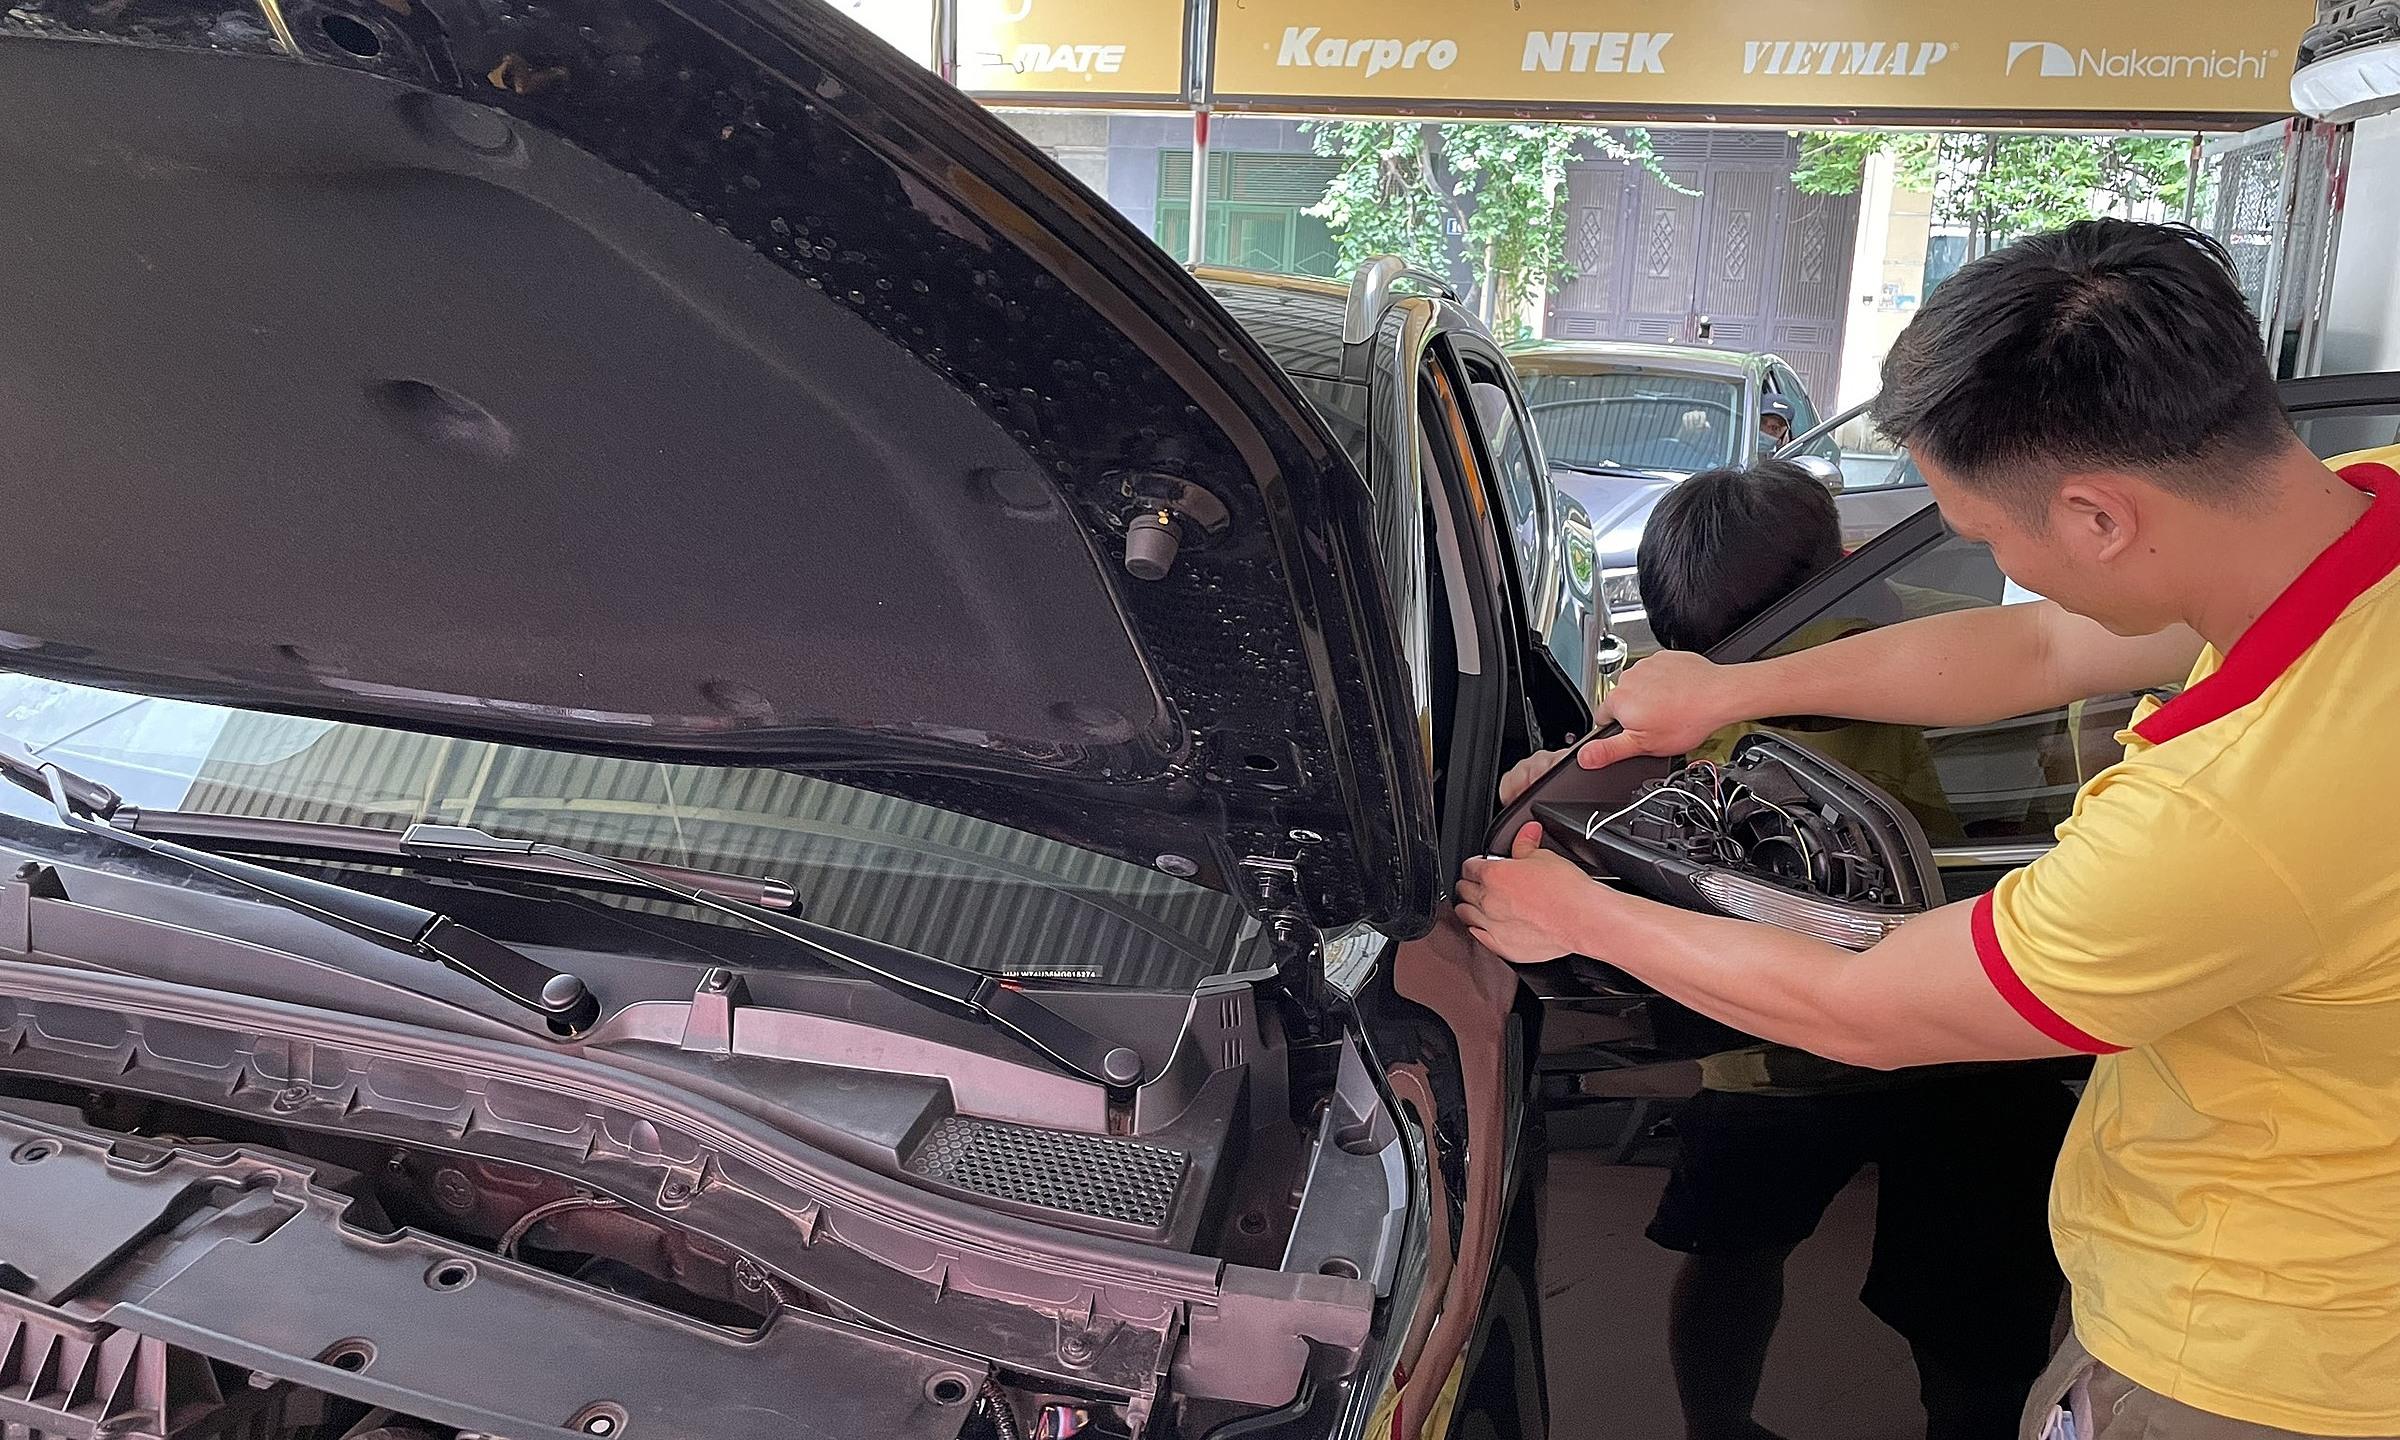 Nhân viên kỹ thuật lắp đặt đồ chơi tại một cửa hàng ở Mỹ Đình, Hà Nội. Ảnh: Đoàn Dũng